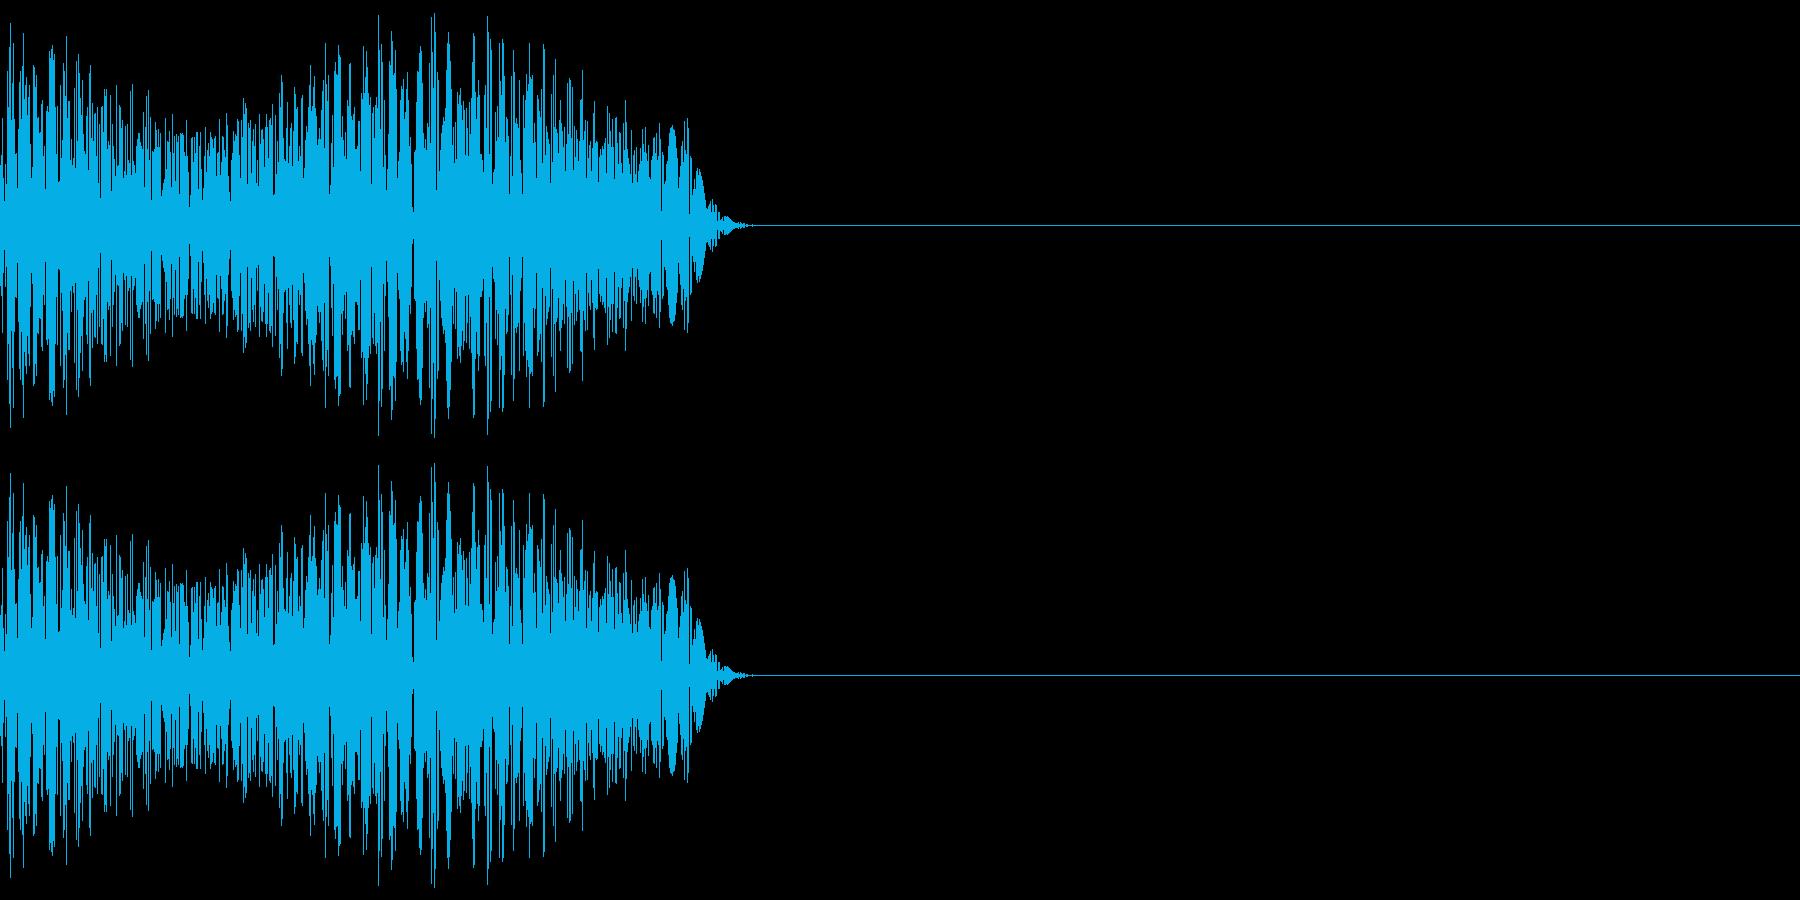 ゲーム等の禁止音「ブッ」 低めの音程の再生済みの波形